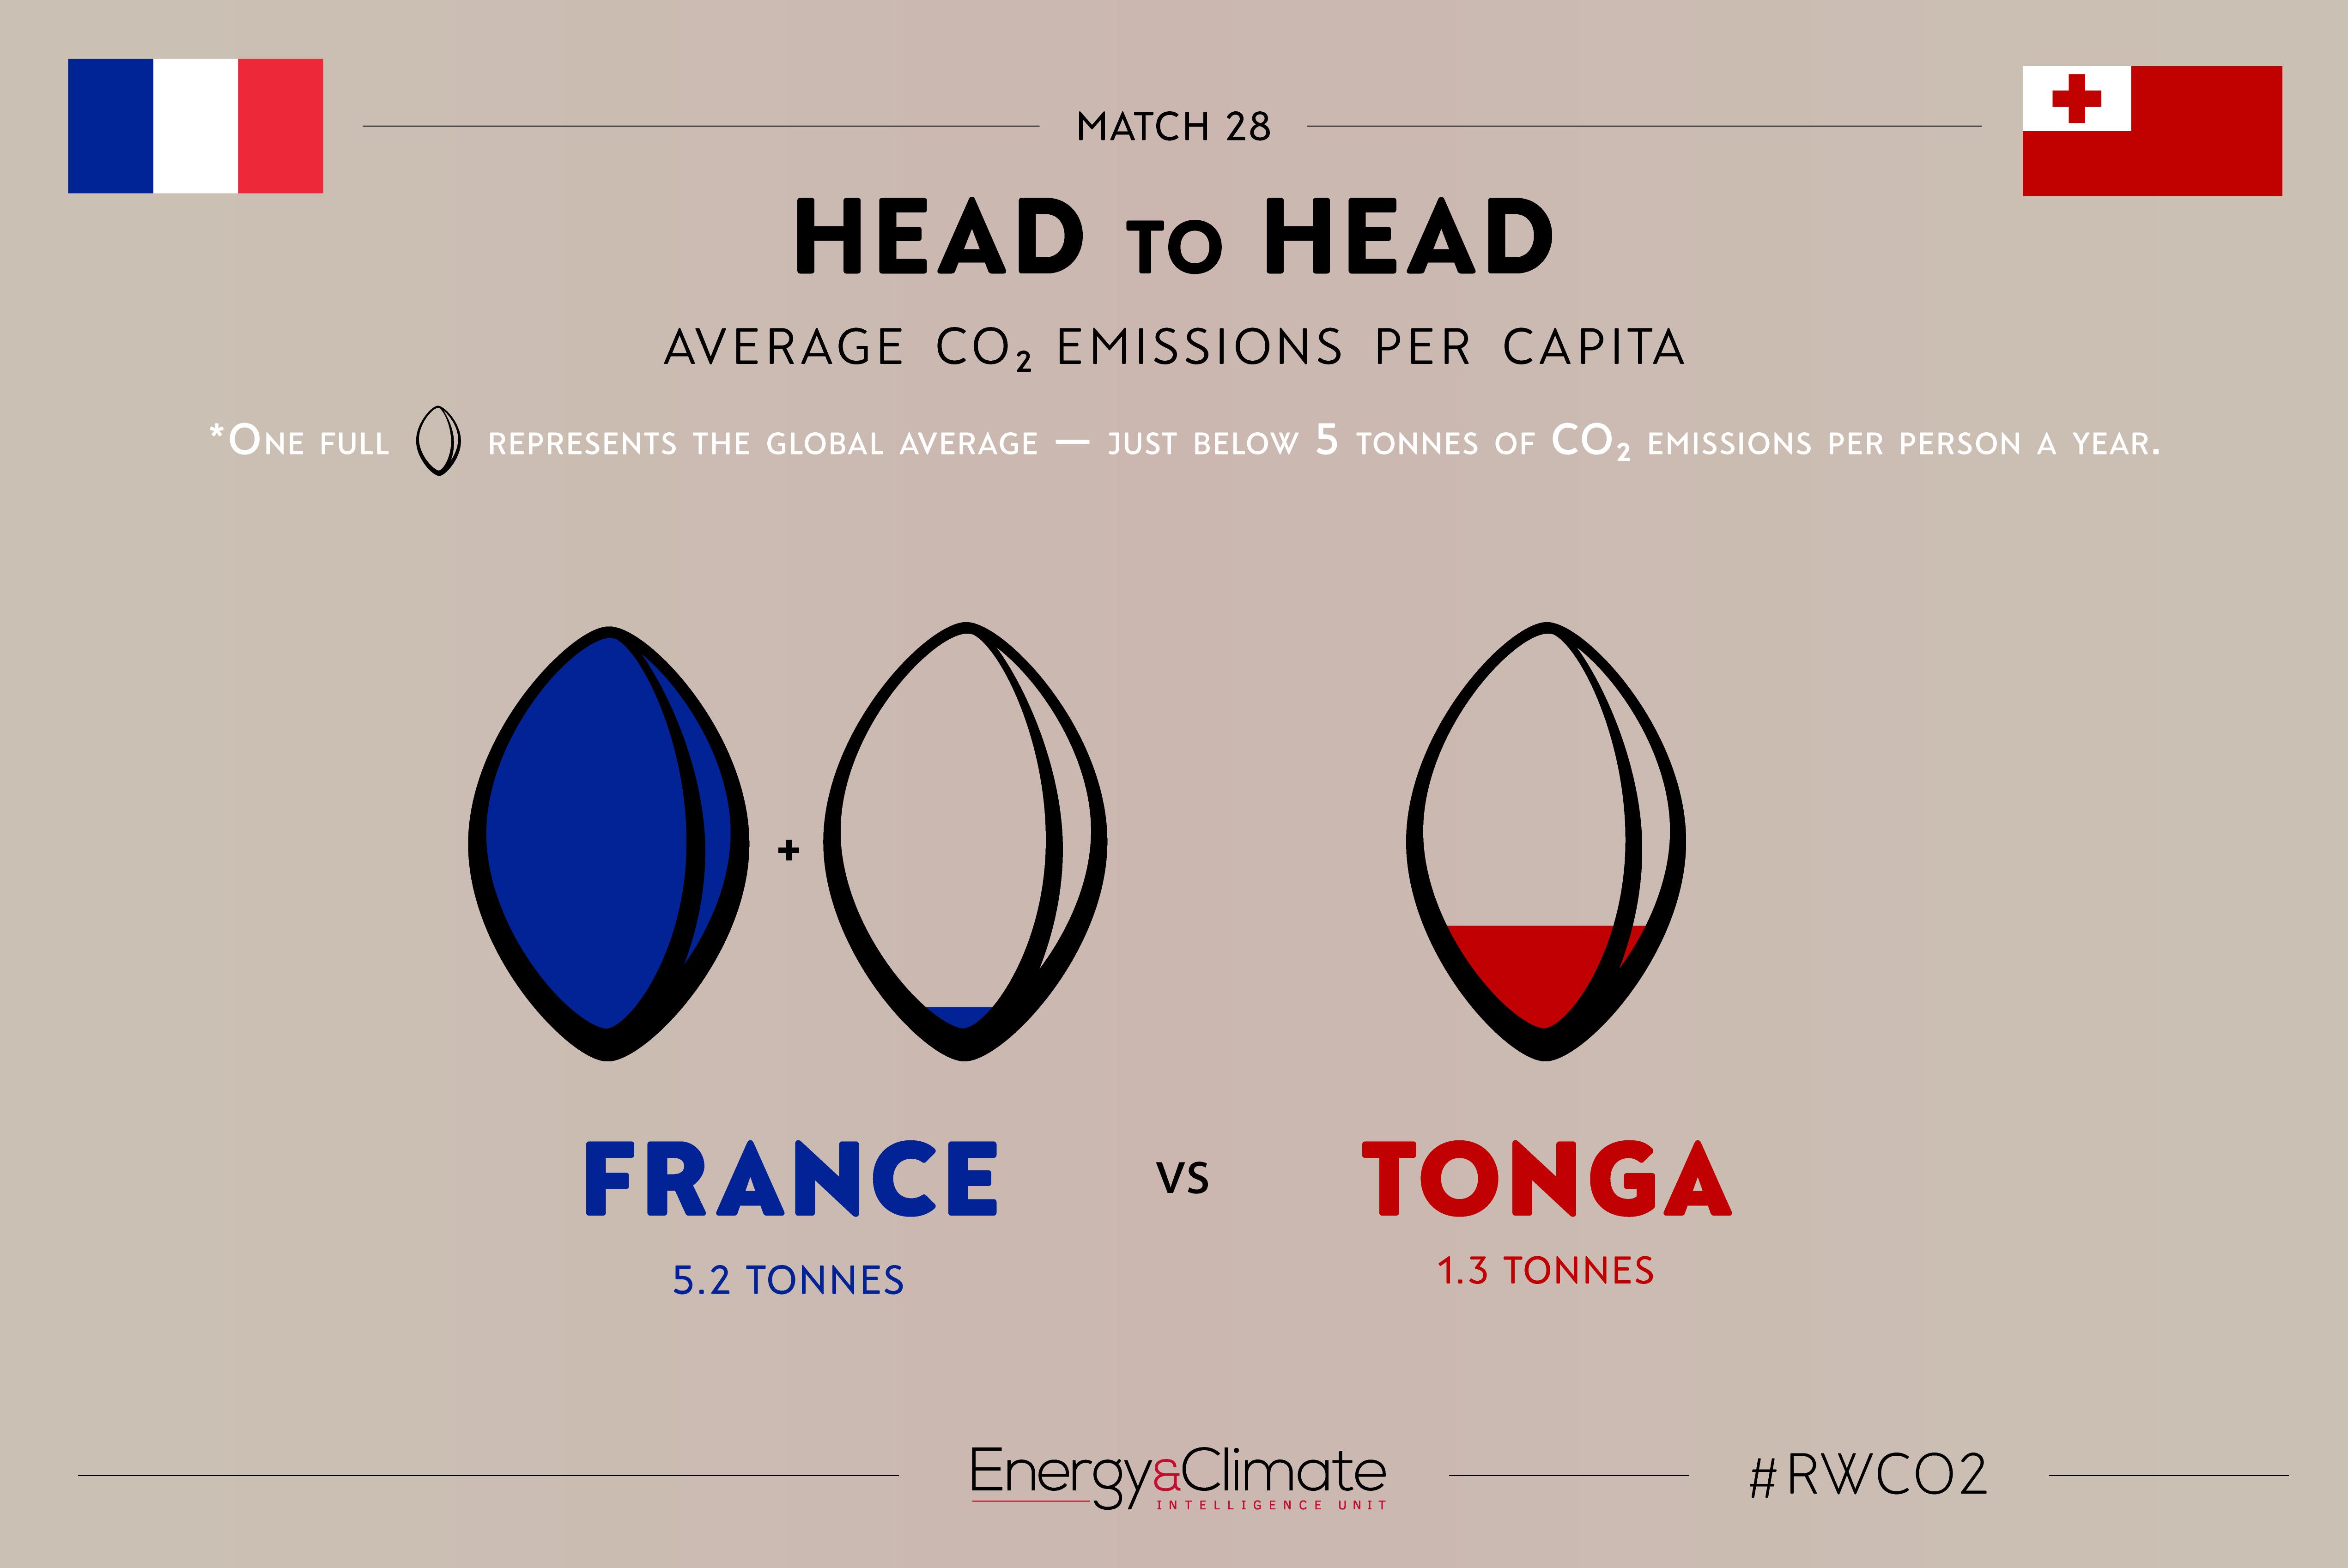 France v Tonga per capita emissions